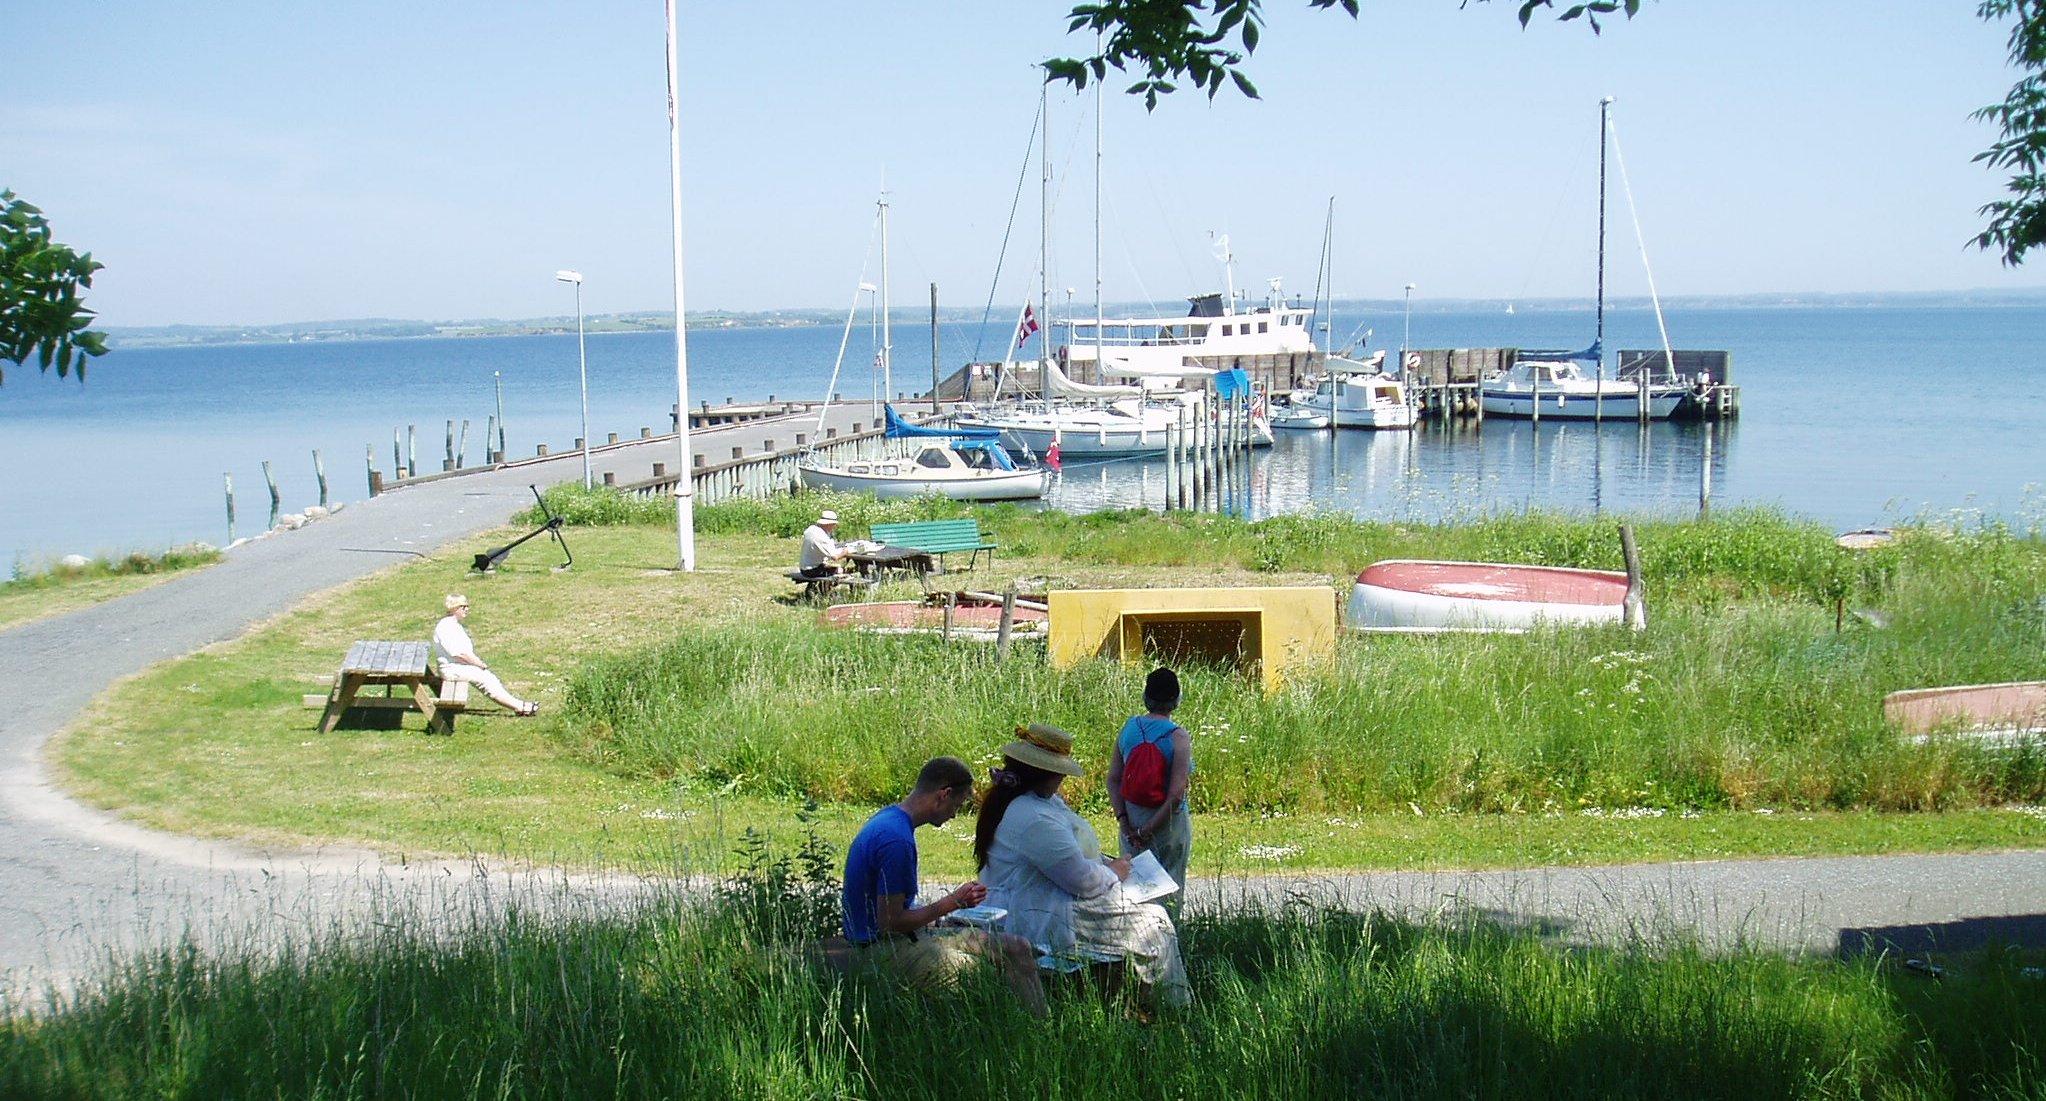 Mai-Britt Schultz Korshavn